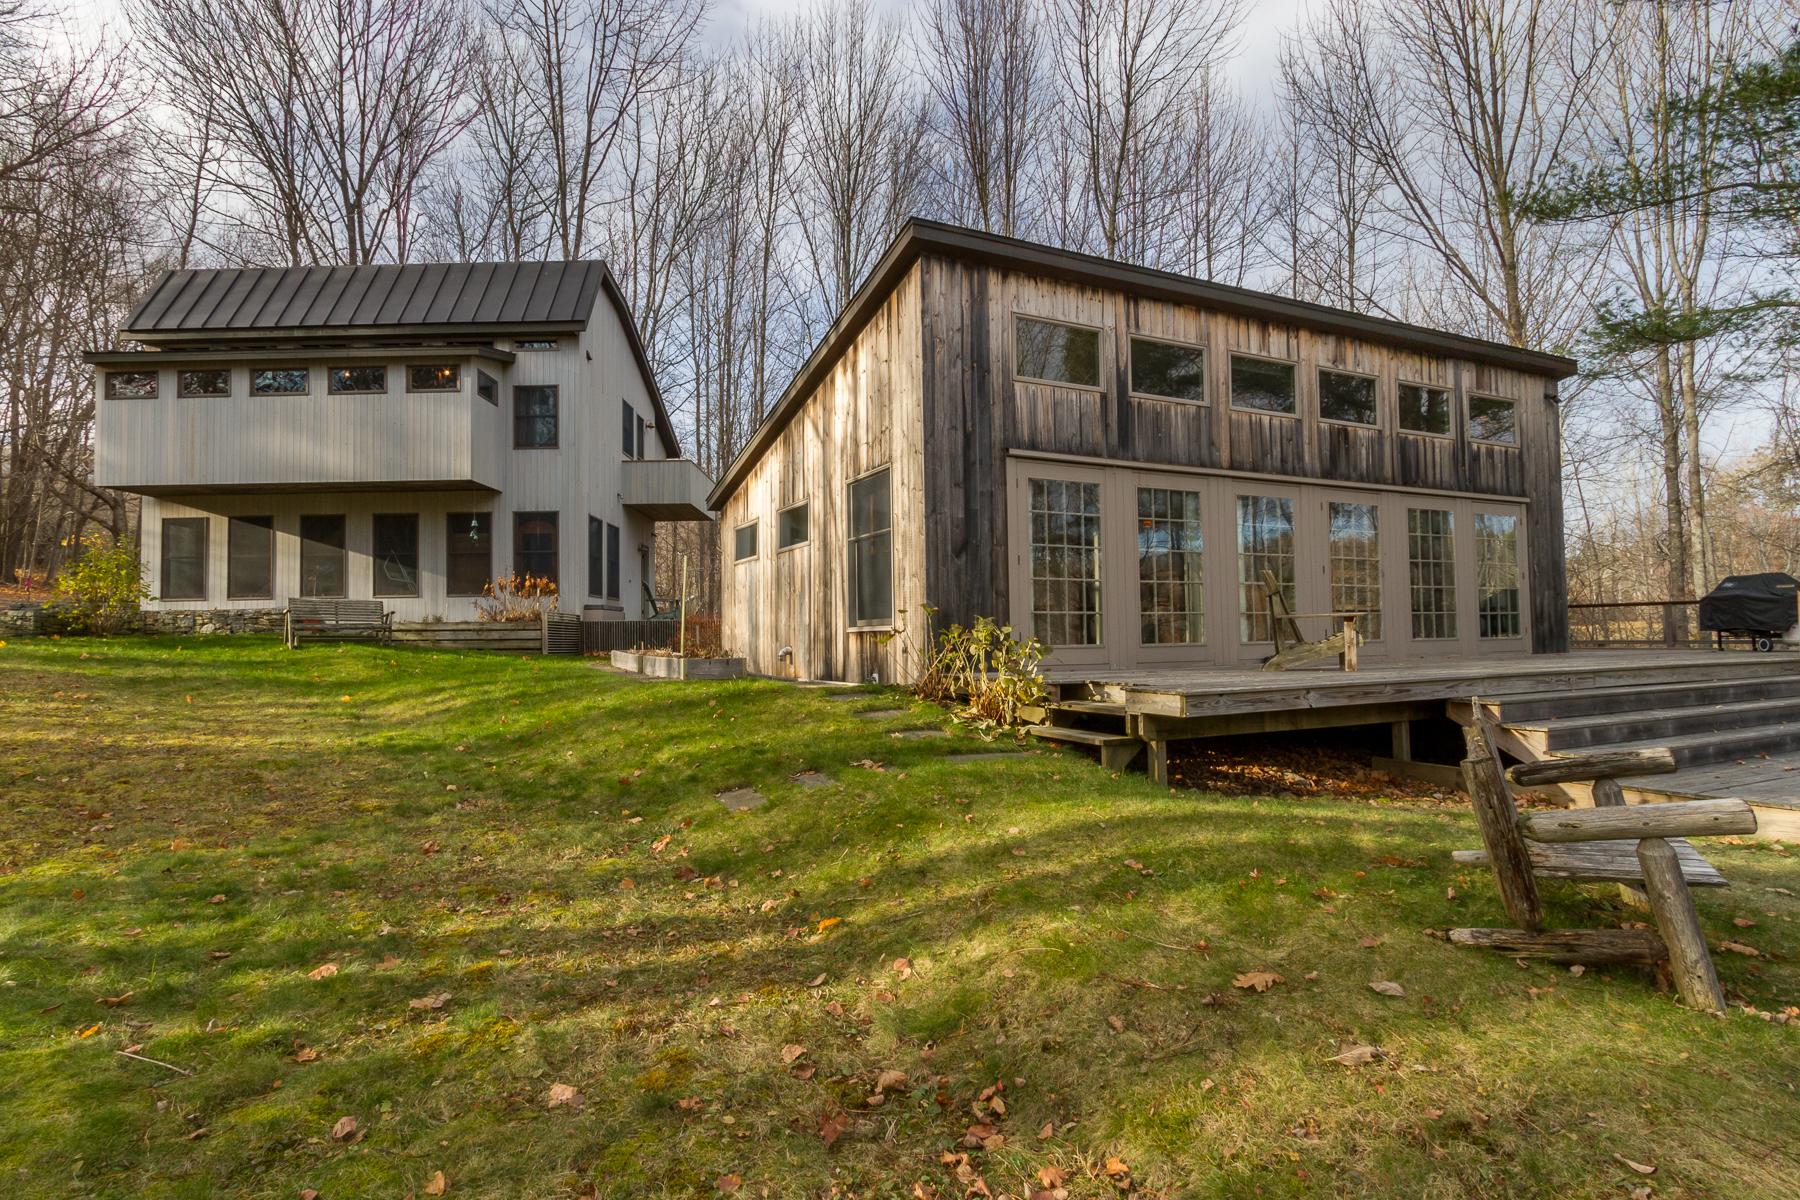 独户住宅 为 销售 在 18 Simmons Road 罗克波特, 缅因州, 04856 美国